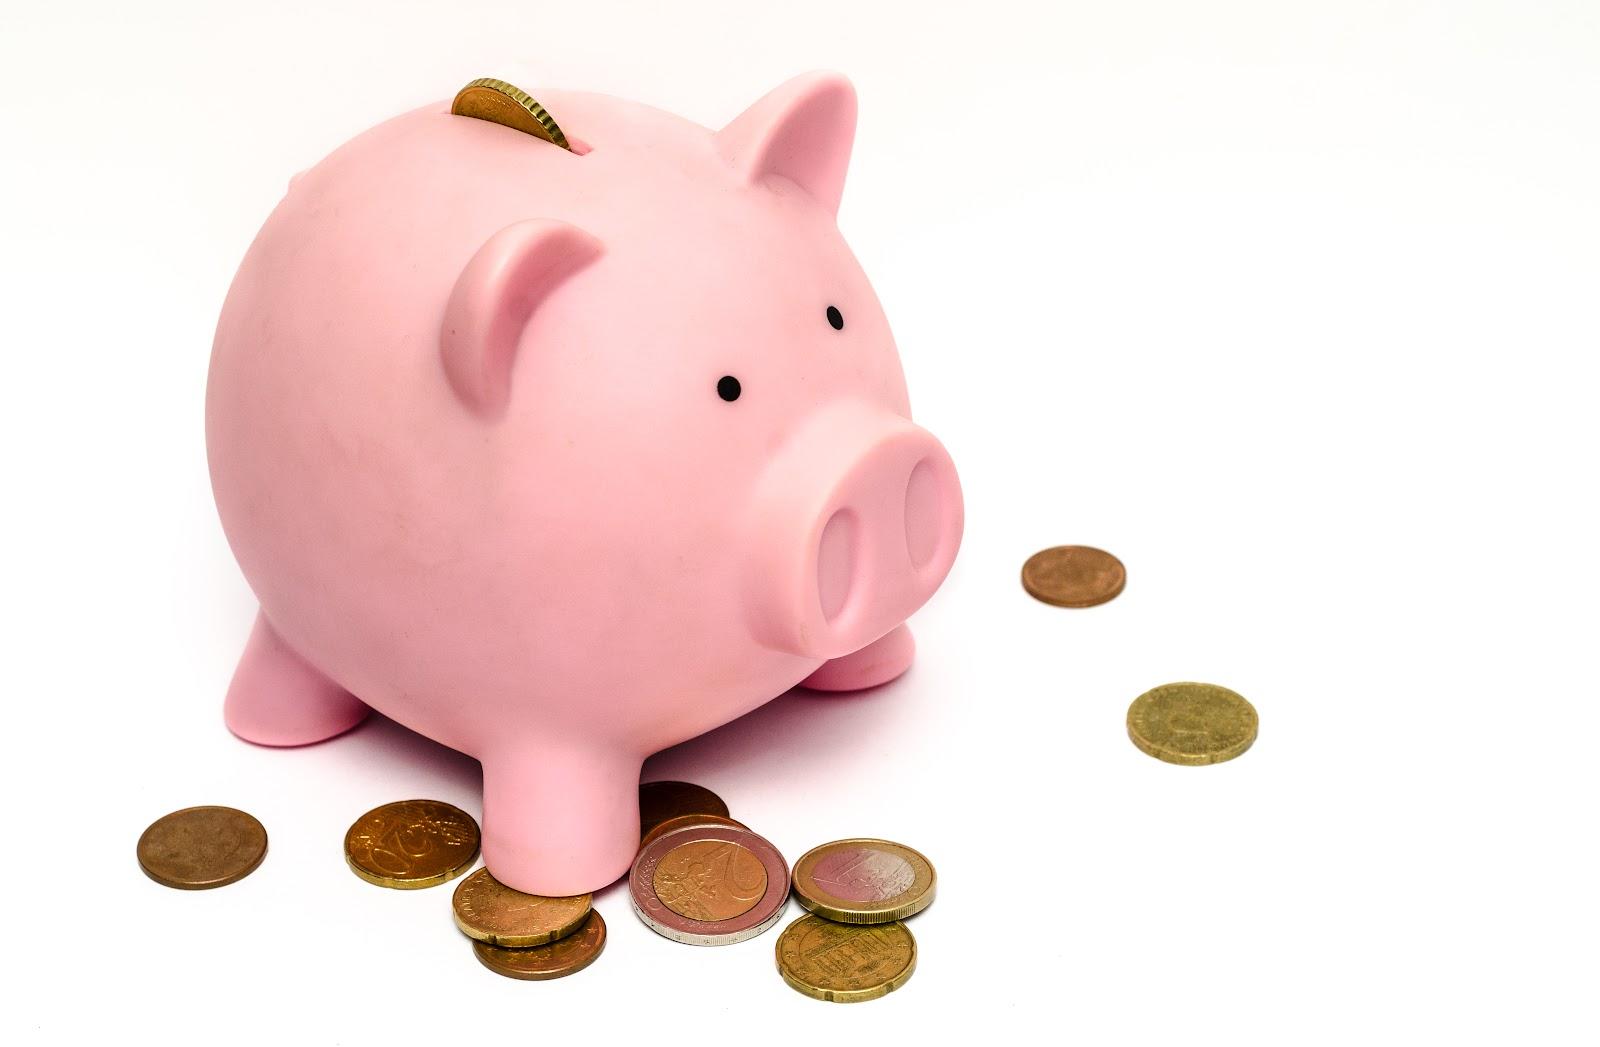 Free stock photo of money, ...